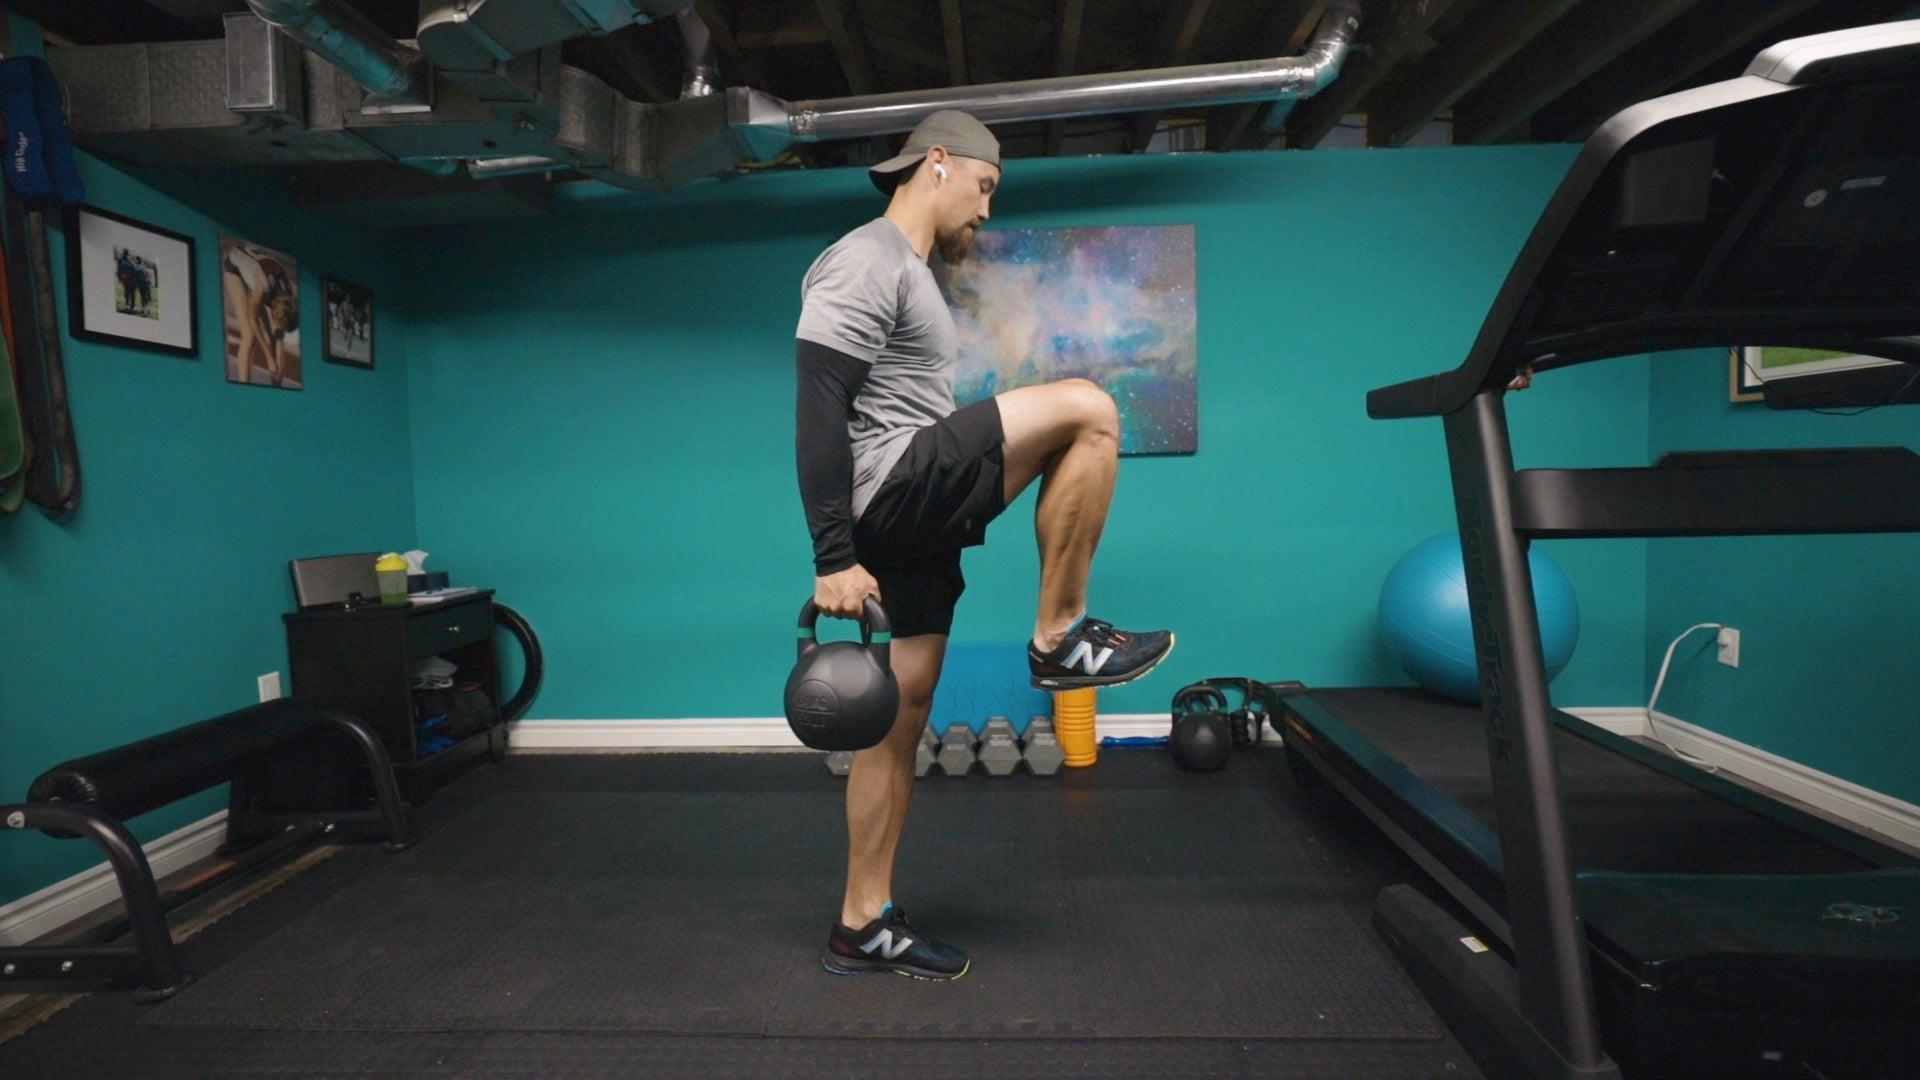 romdead4 Entrenamiento dinámico de fuerza con pesas rusas de 5 ejercicios para corredores de pista